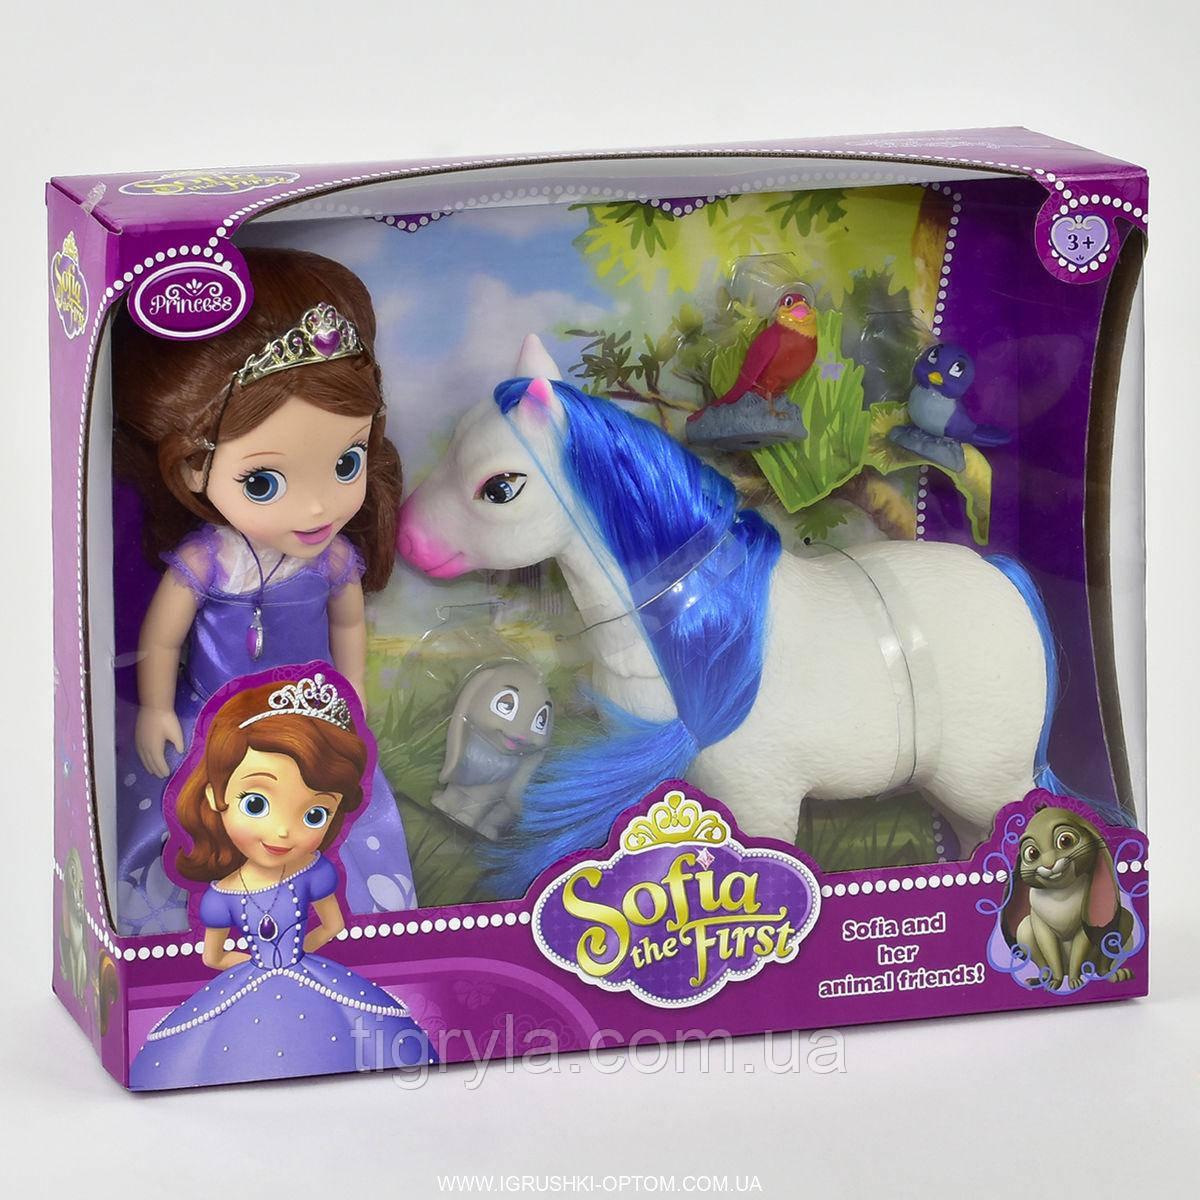 Кукла София с лошадкой